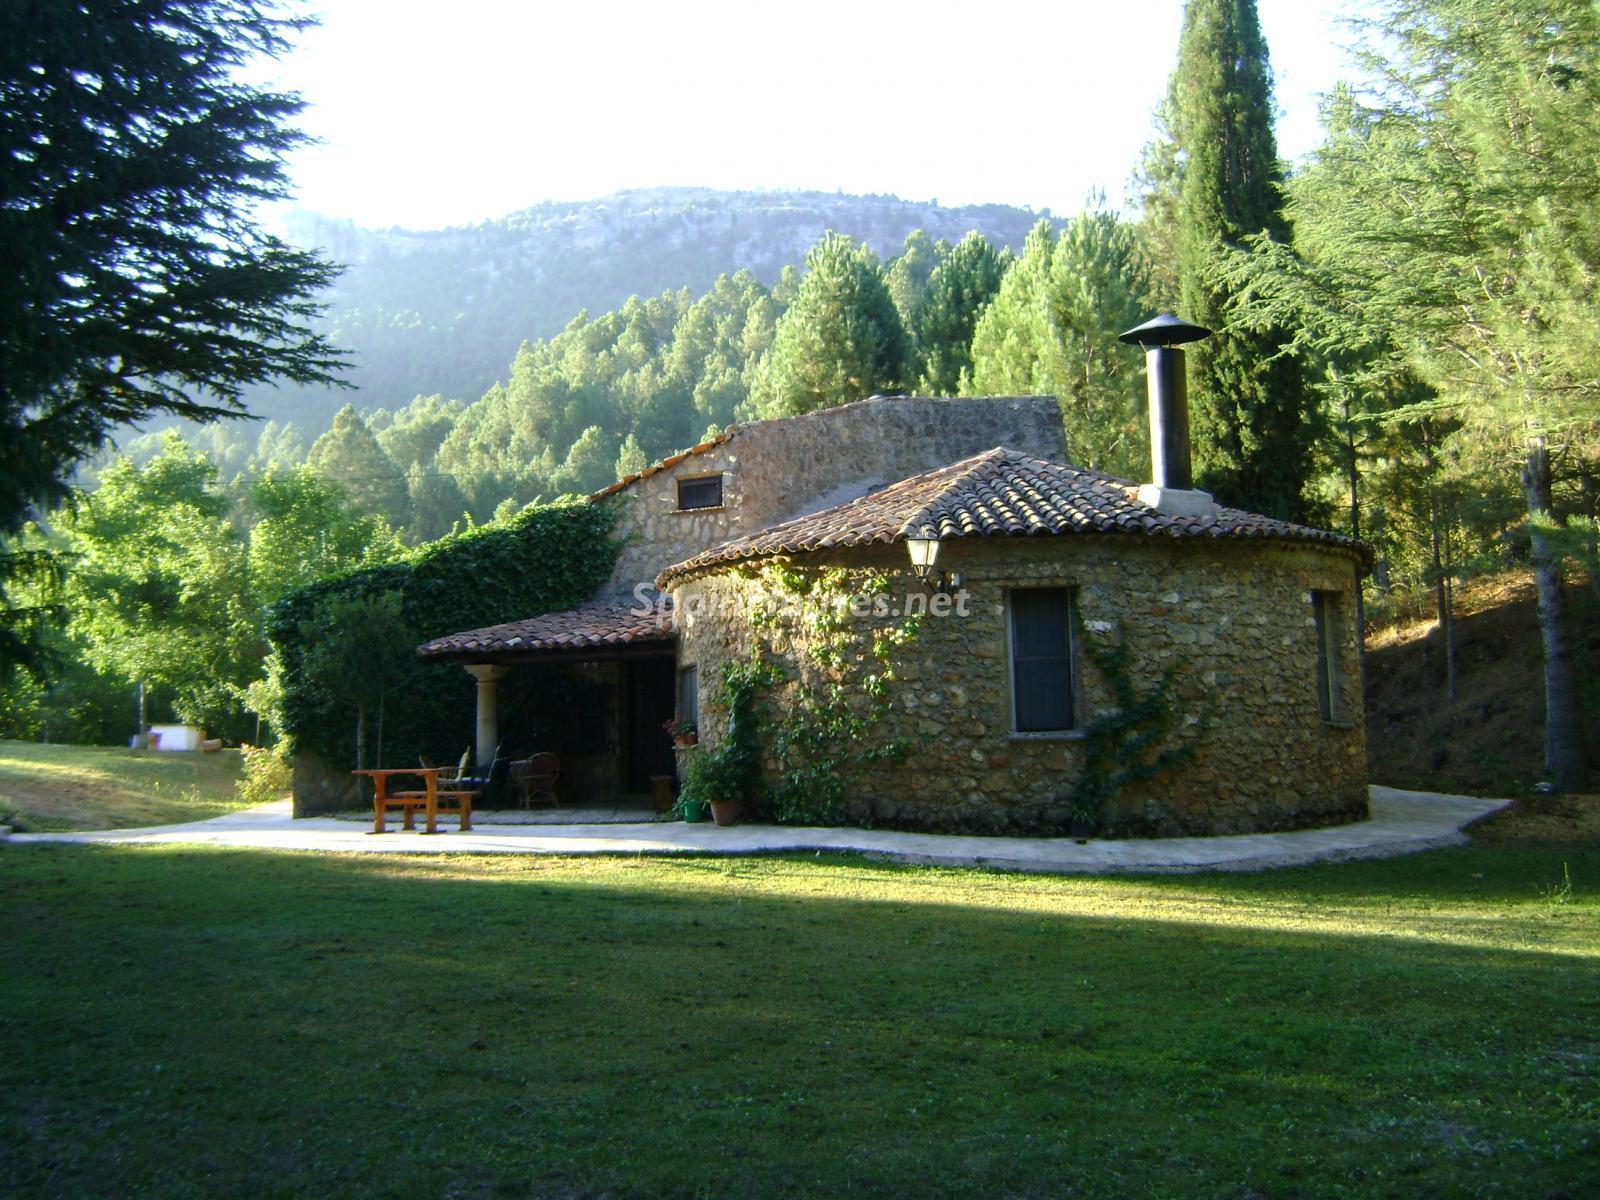 75654550 3042000 foto119387284 - 7 Casas rurales para disfrutar del otoño